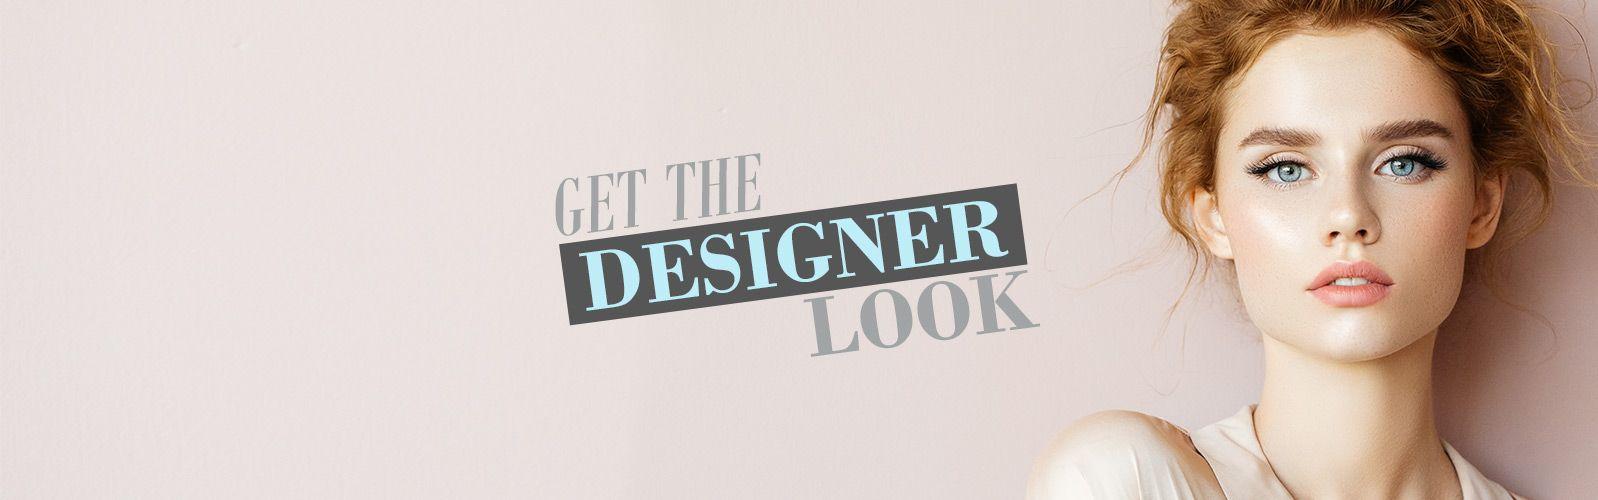 Get the Designer Look